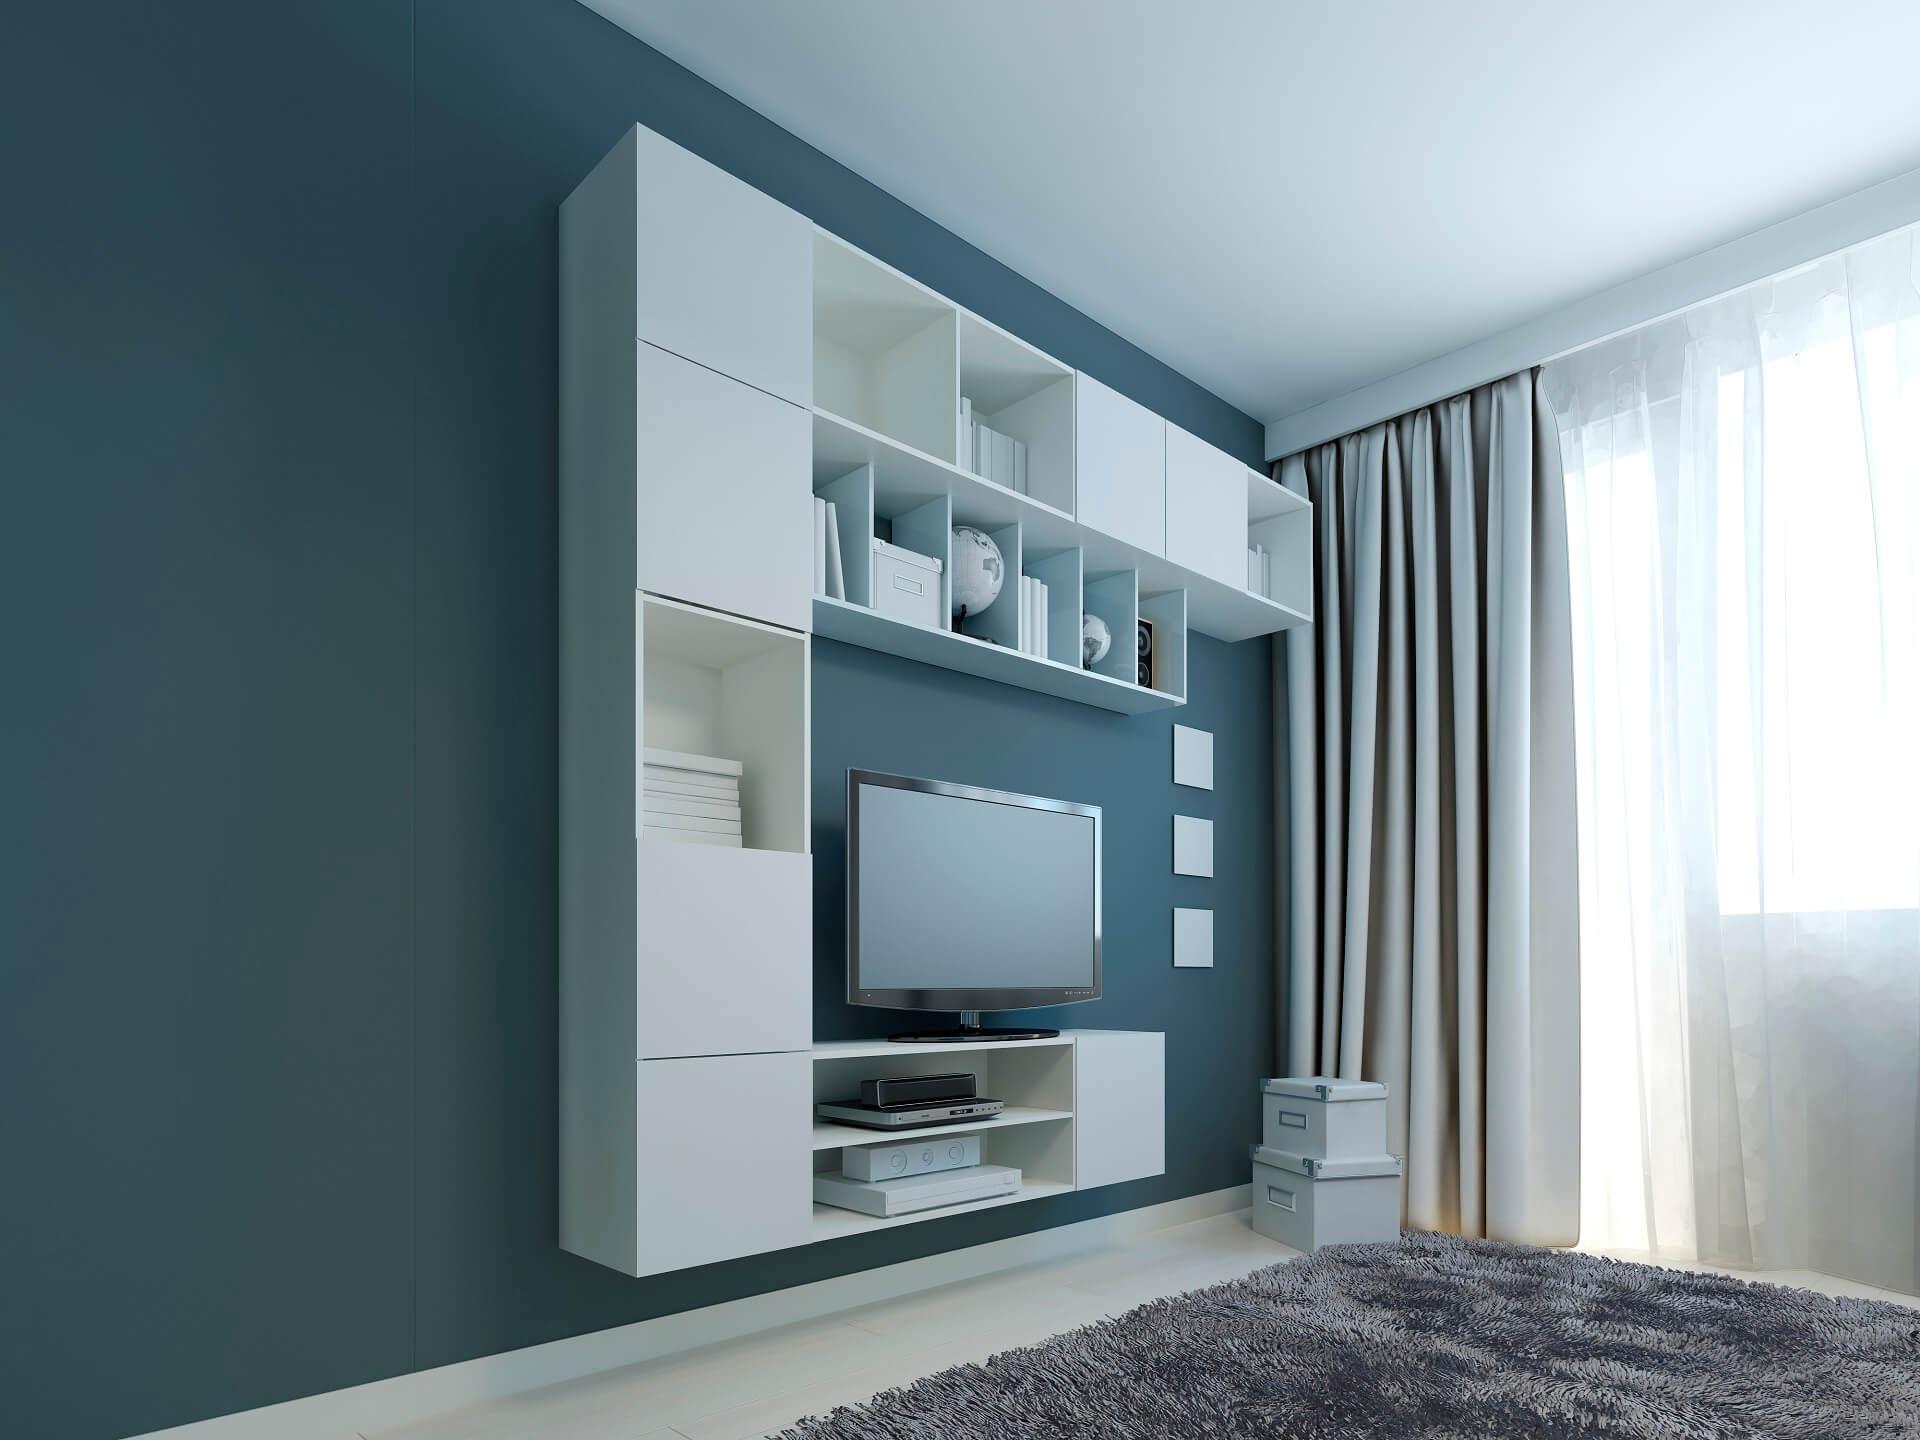 Какие шторы хорошо сочетаются с синими стенами (обоями)